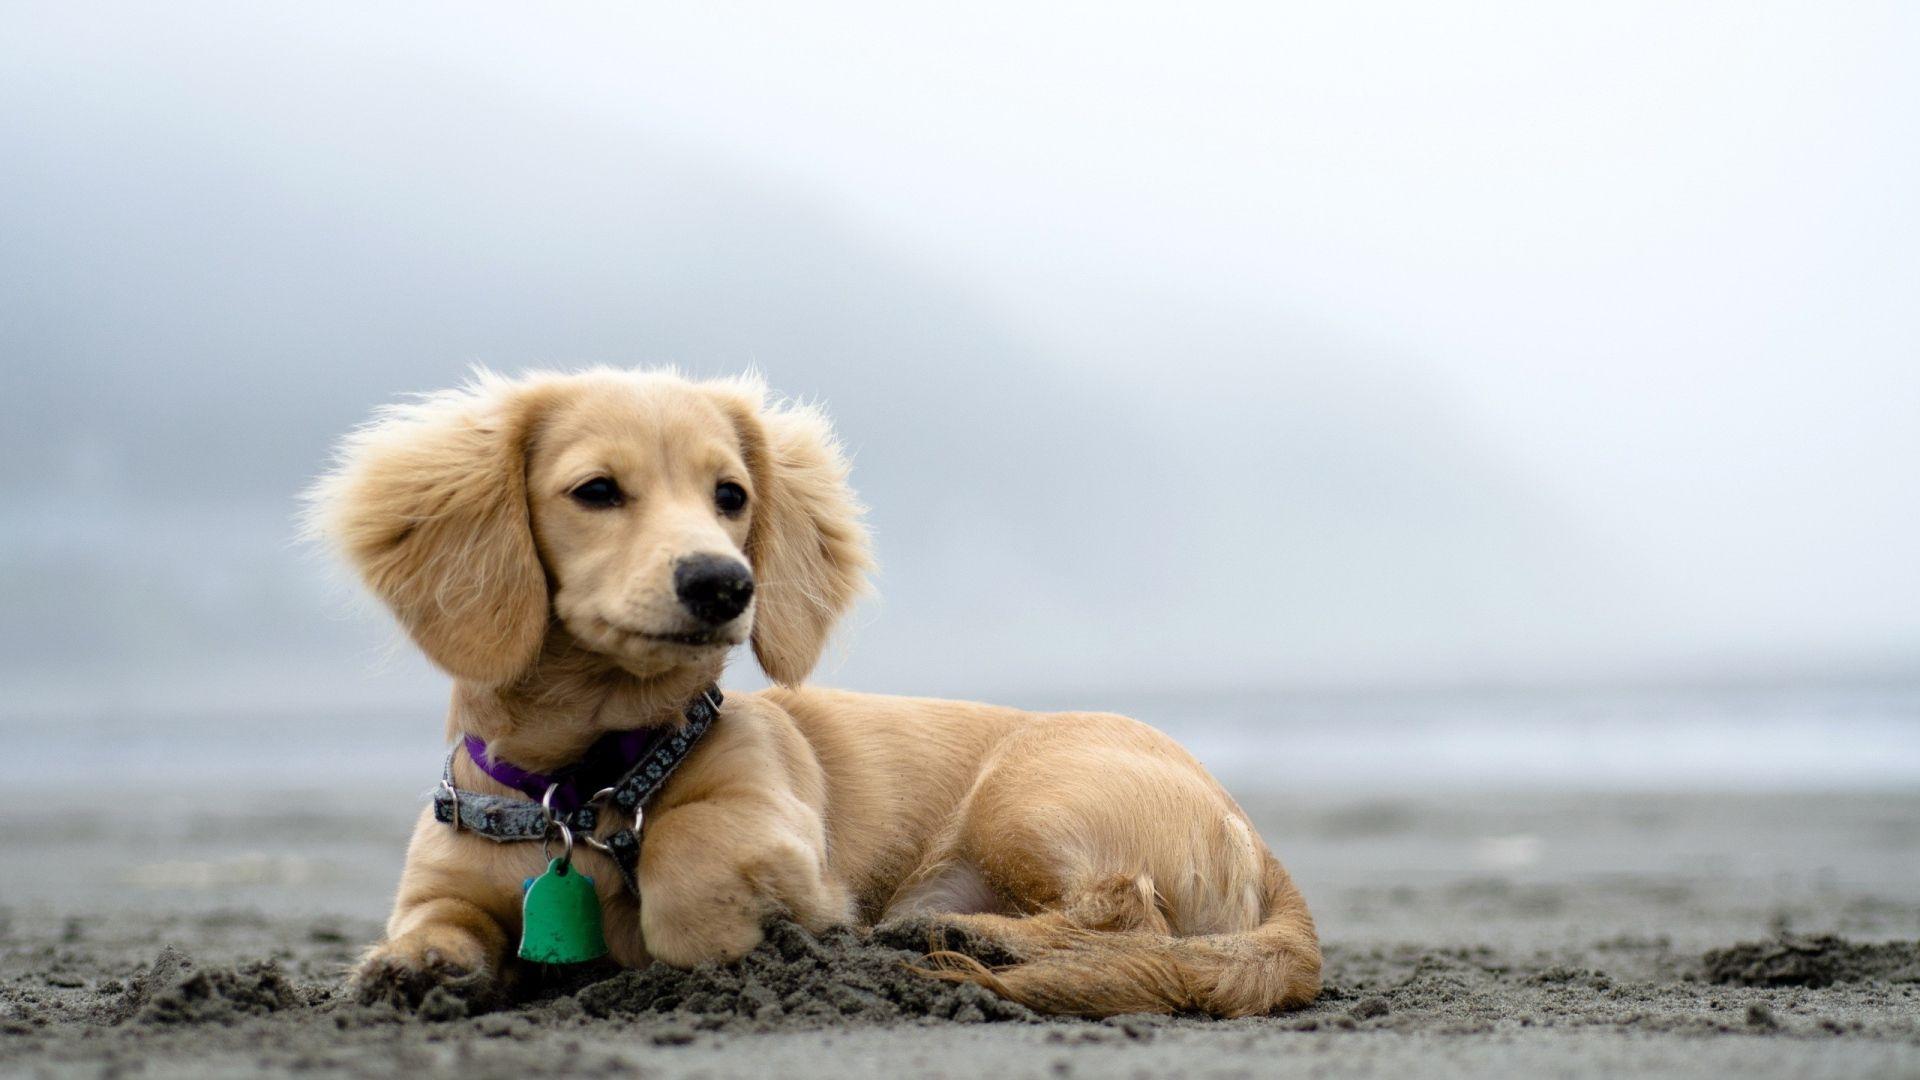 Wallpaper dog beach blurry 1920x1080